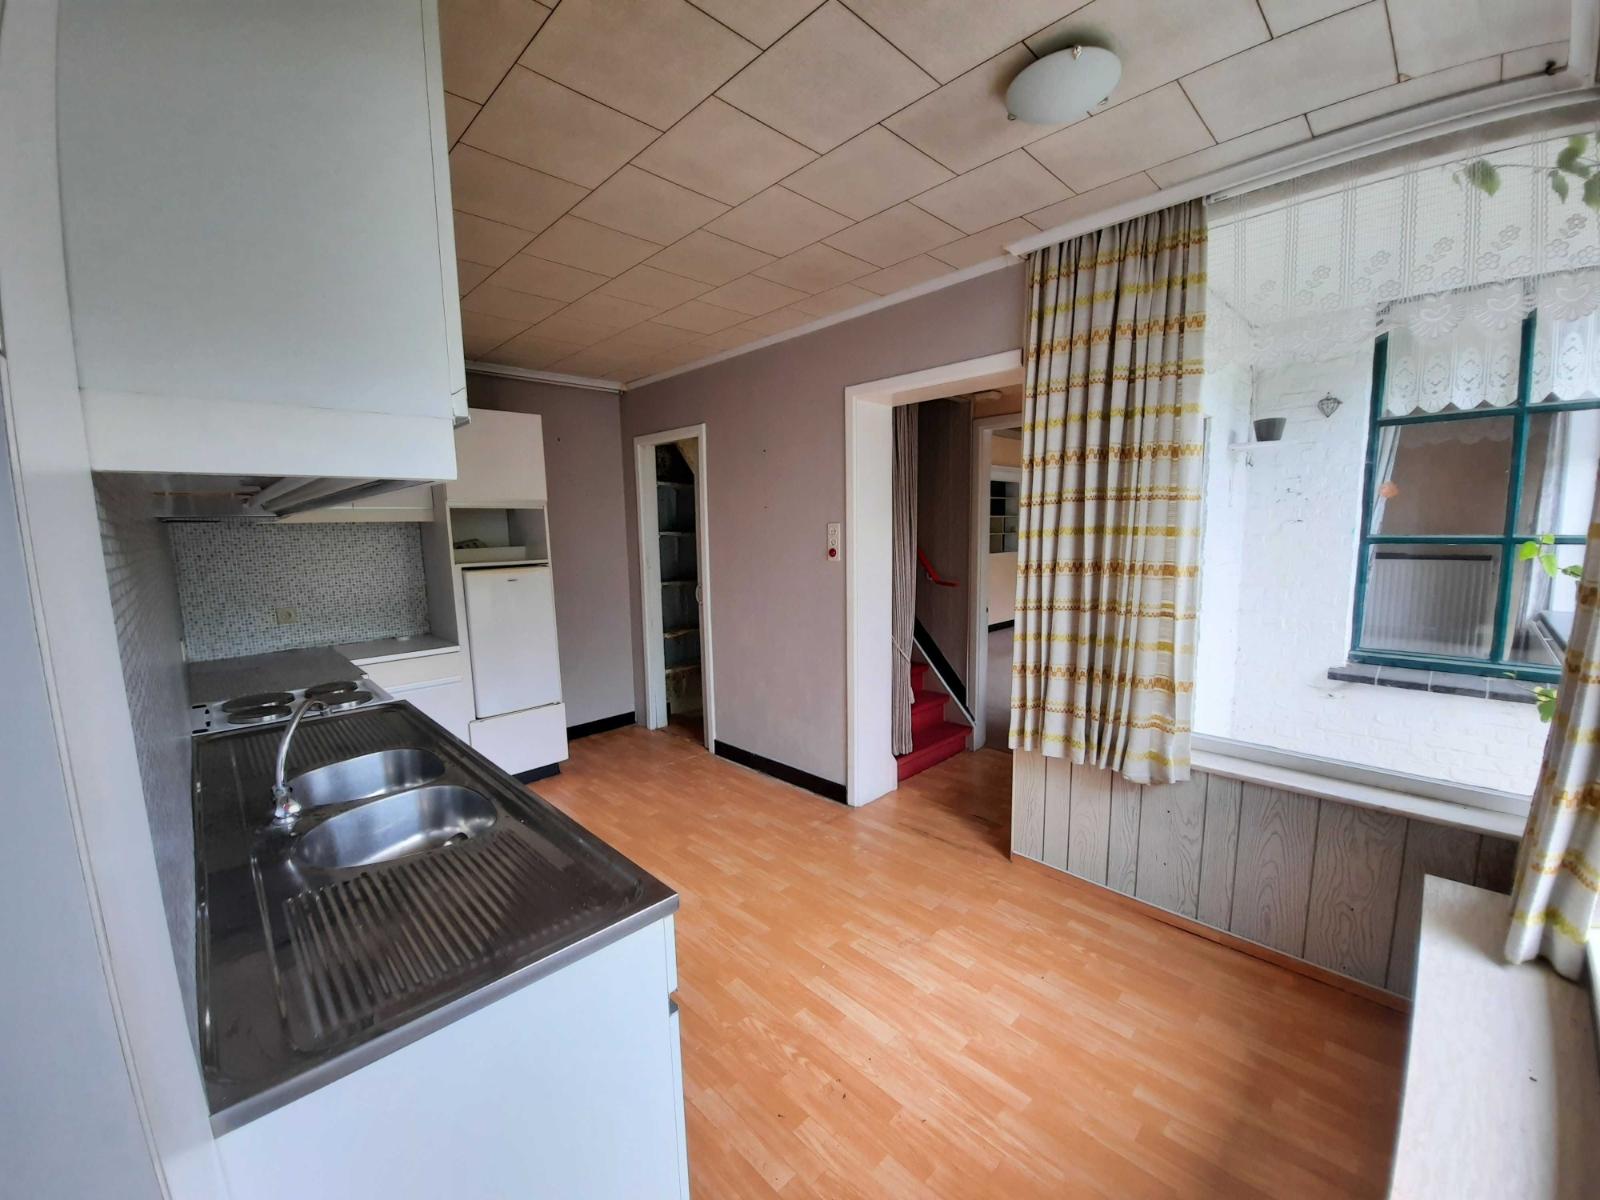 Centraal gelegen, te renoveren woning met mogelijkheid tot tweewoonst - 11